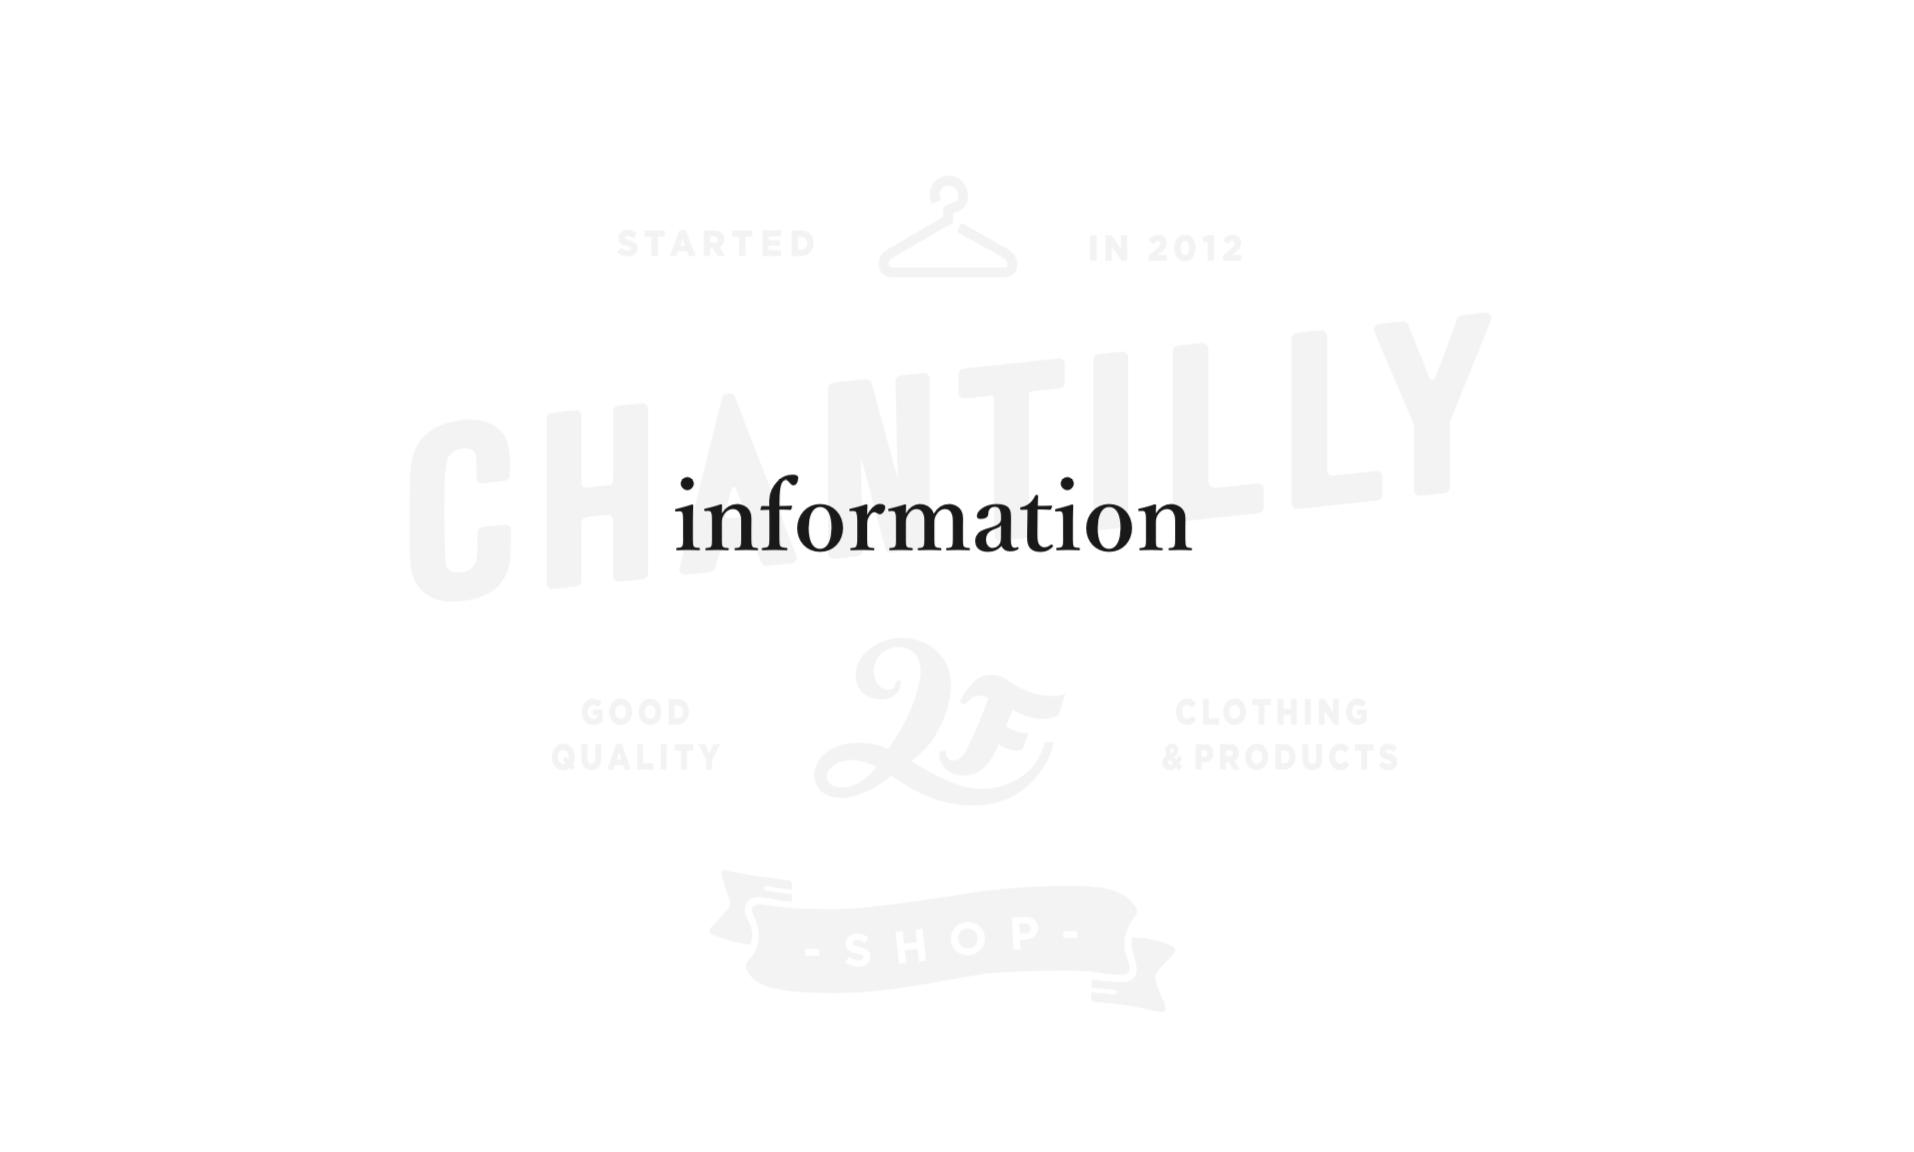 スクリーンショット 2020-04-02 12.23.34 2.png